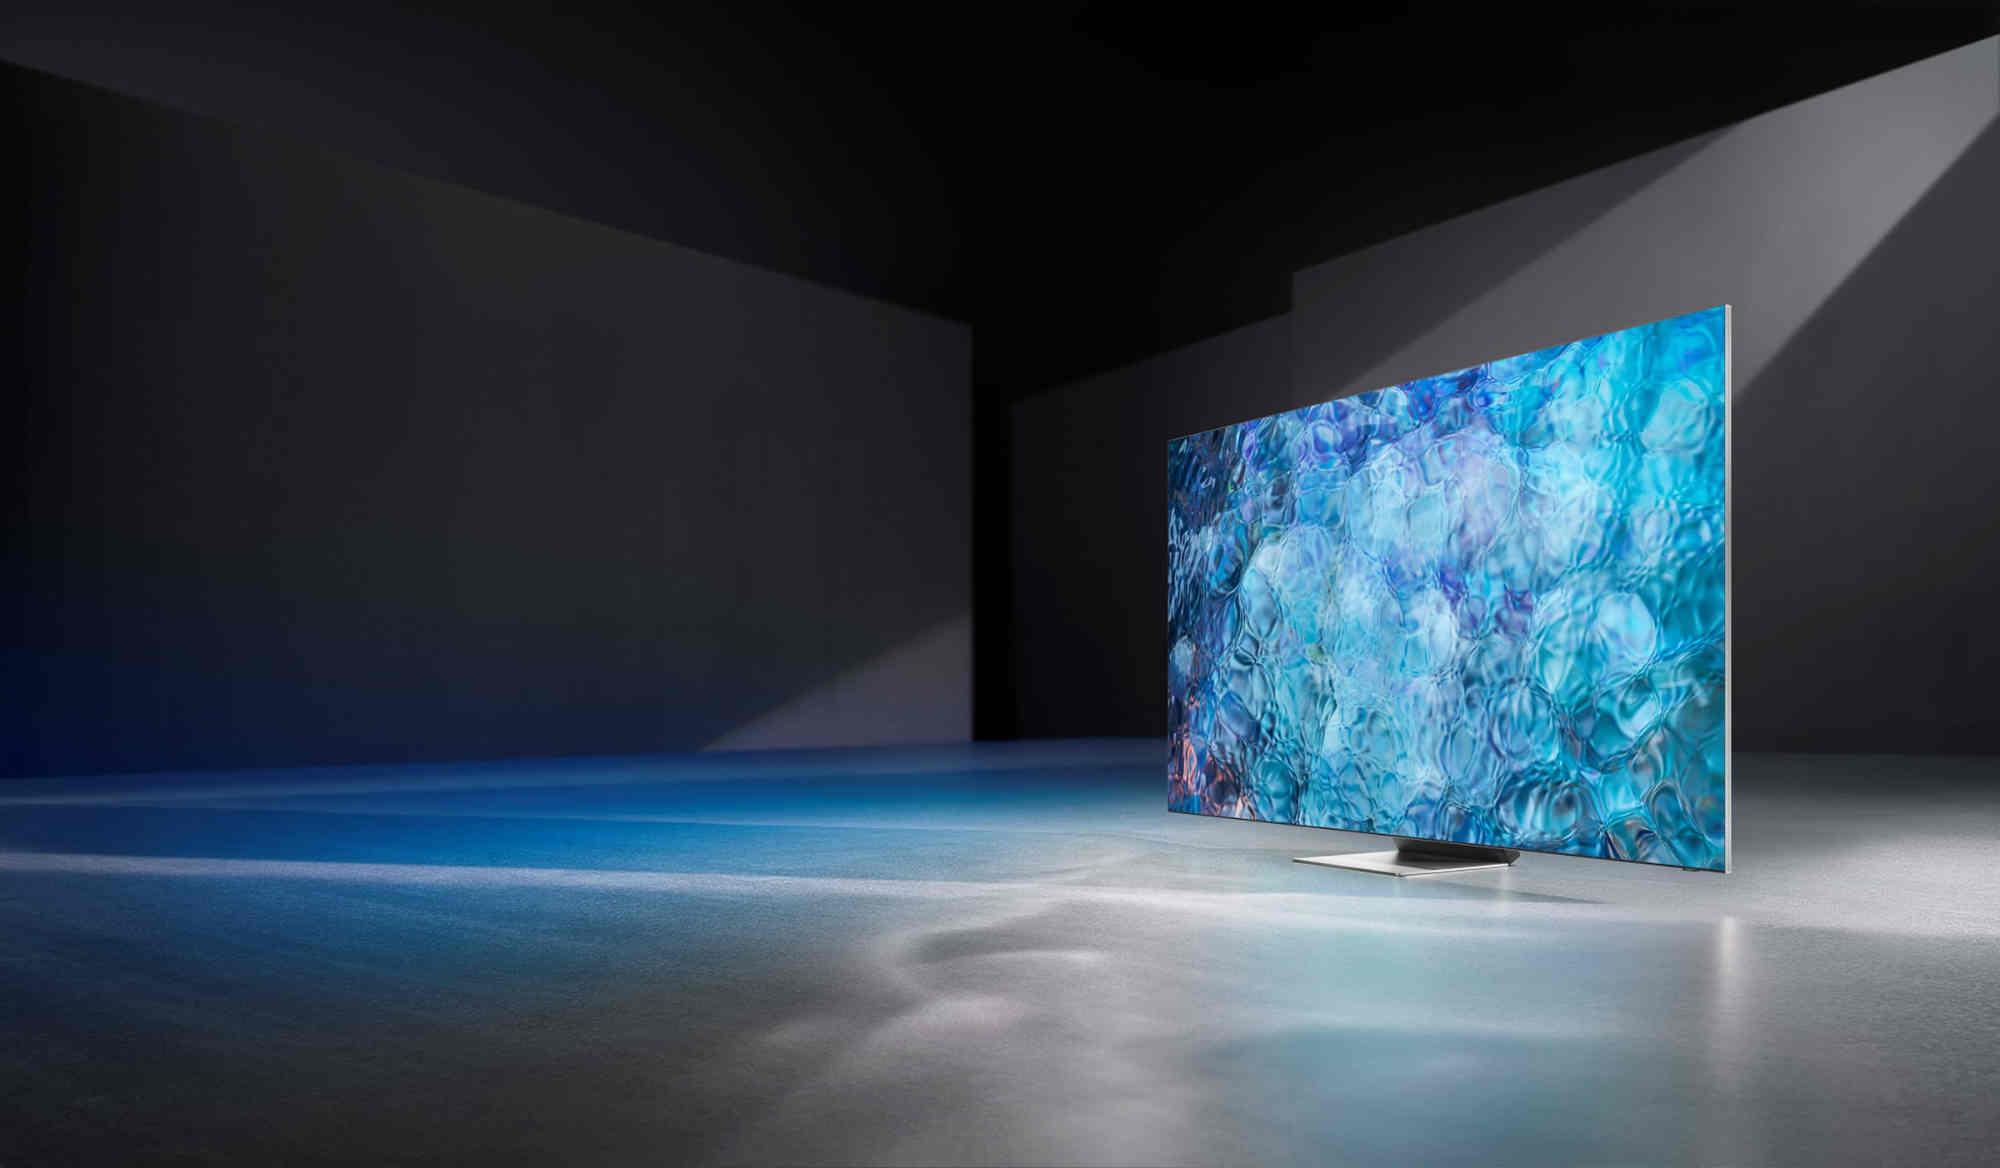 Samsung rời khỏi top 5 hãng sản xuất màn hình TV lớn nhất, Trung Quốc thống trị